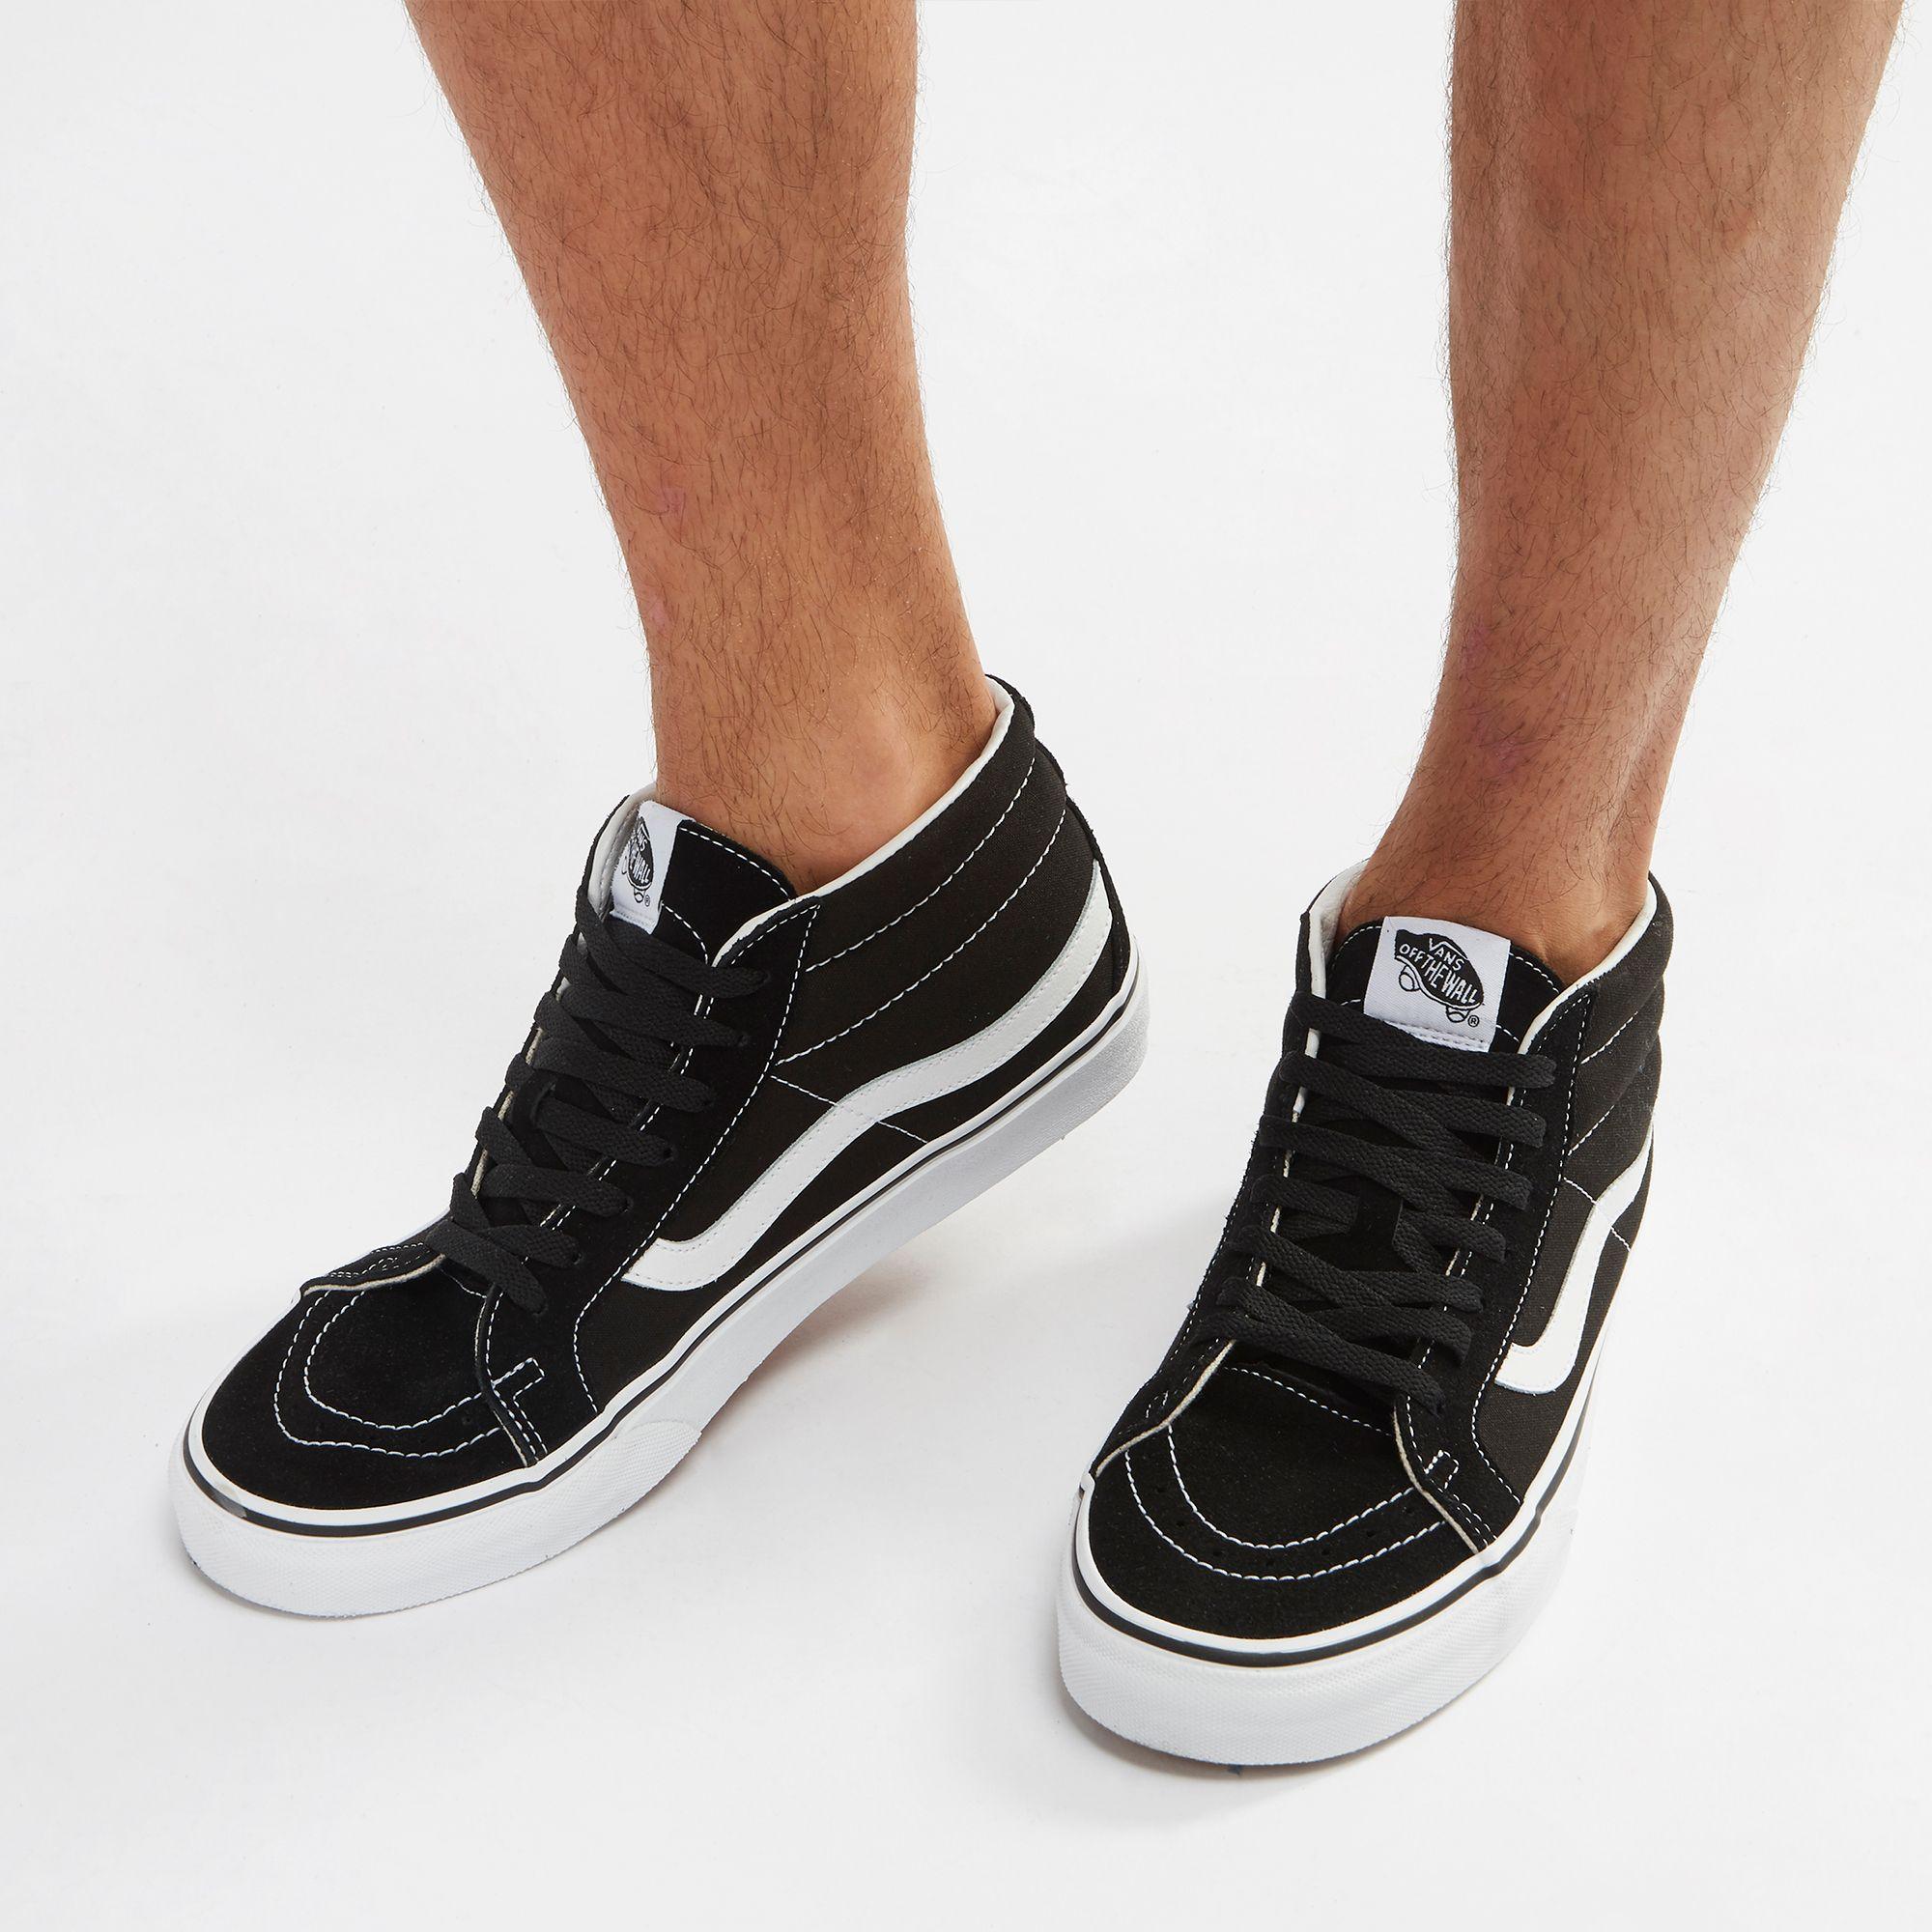 513f5b8eaf Shop Black Vans Sk8-Mid Reissue Shoe for Mens by Vans